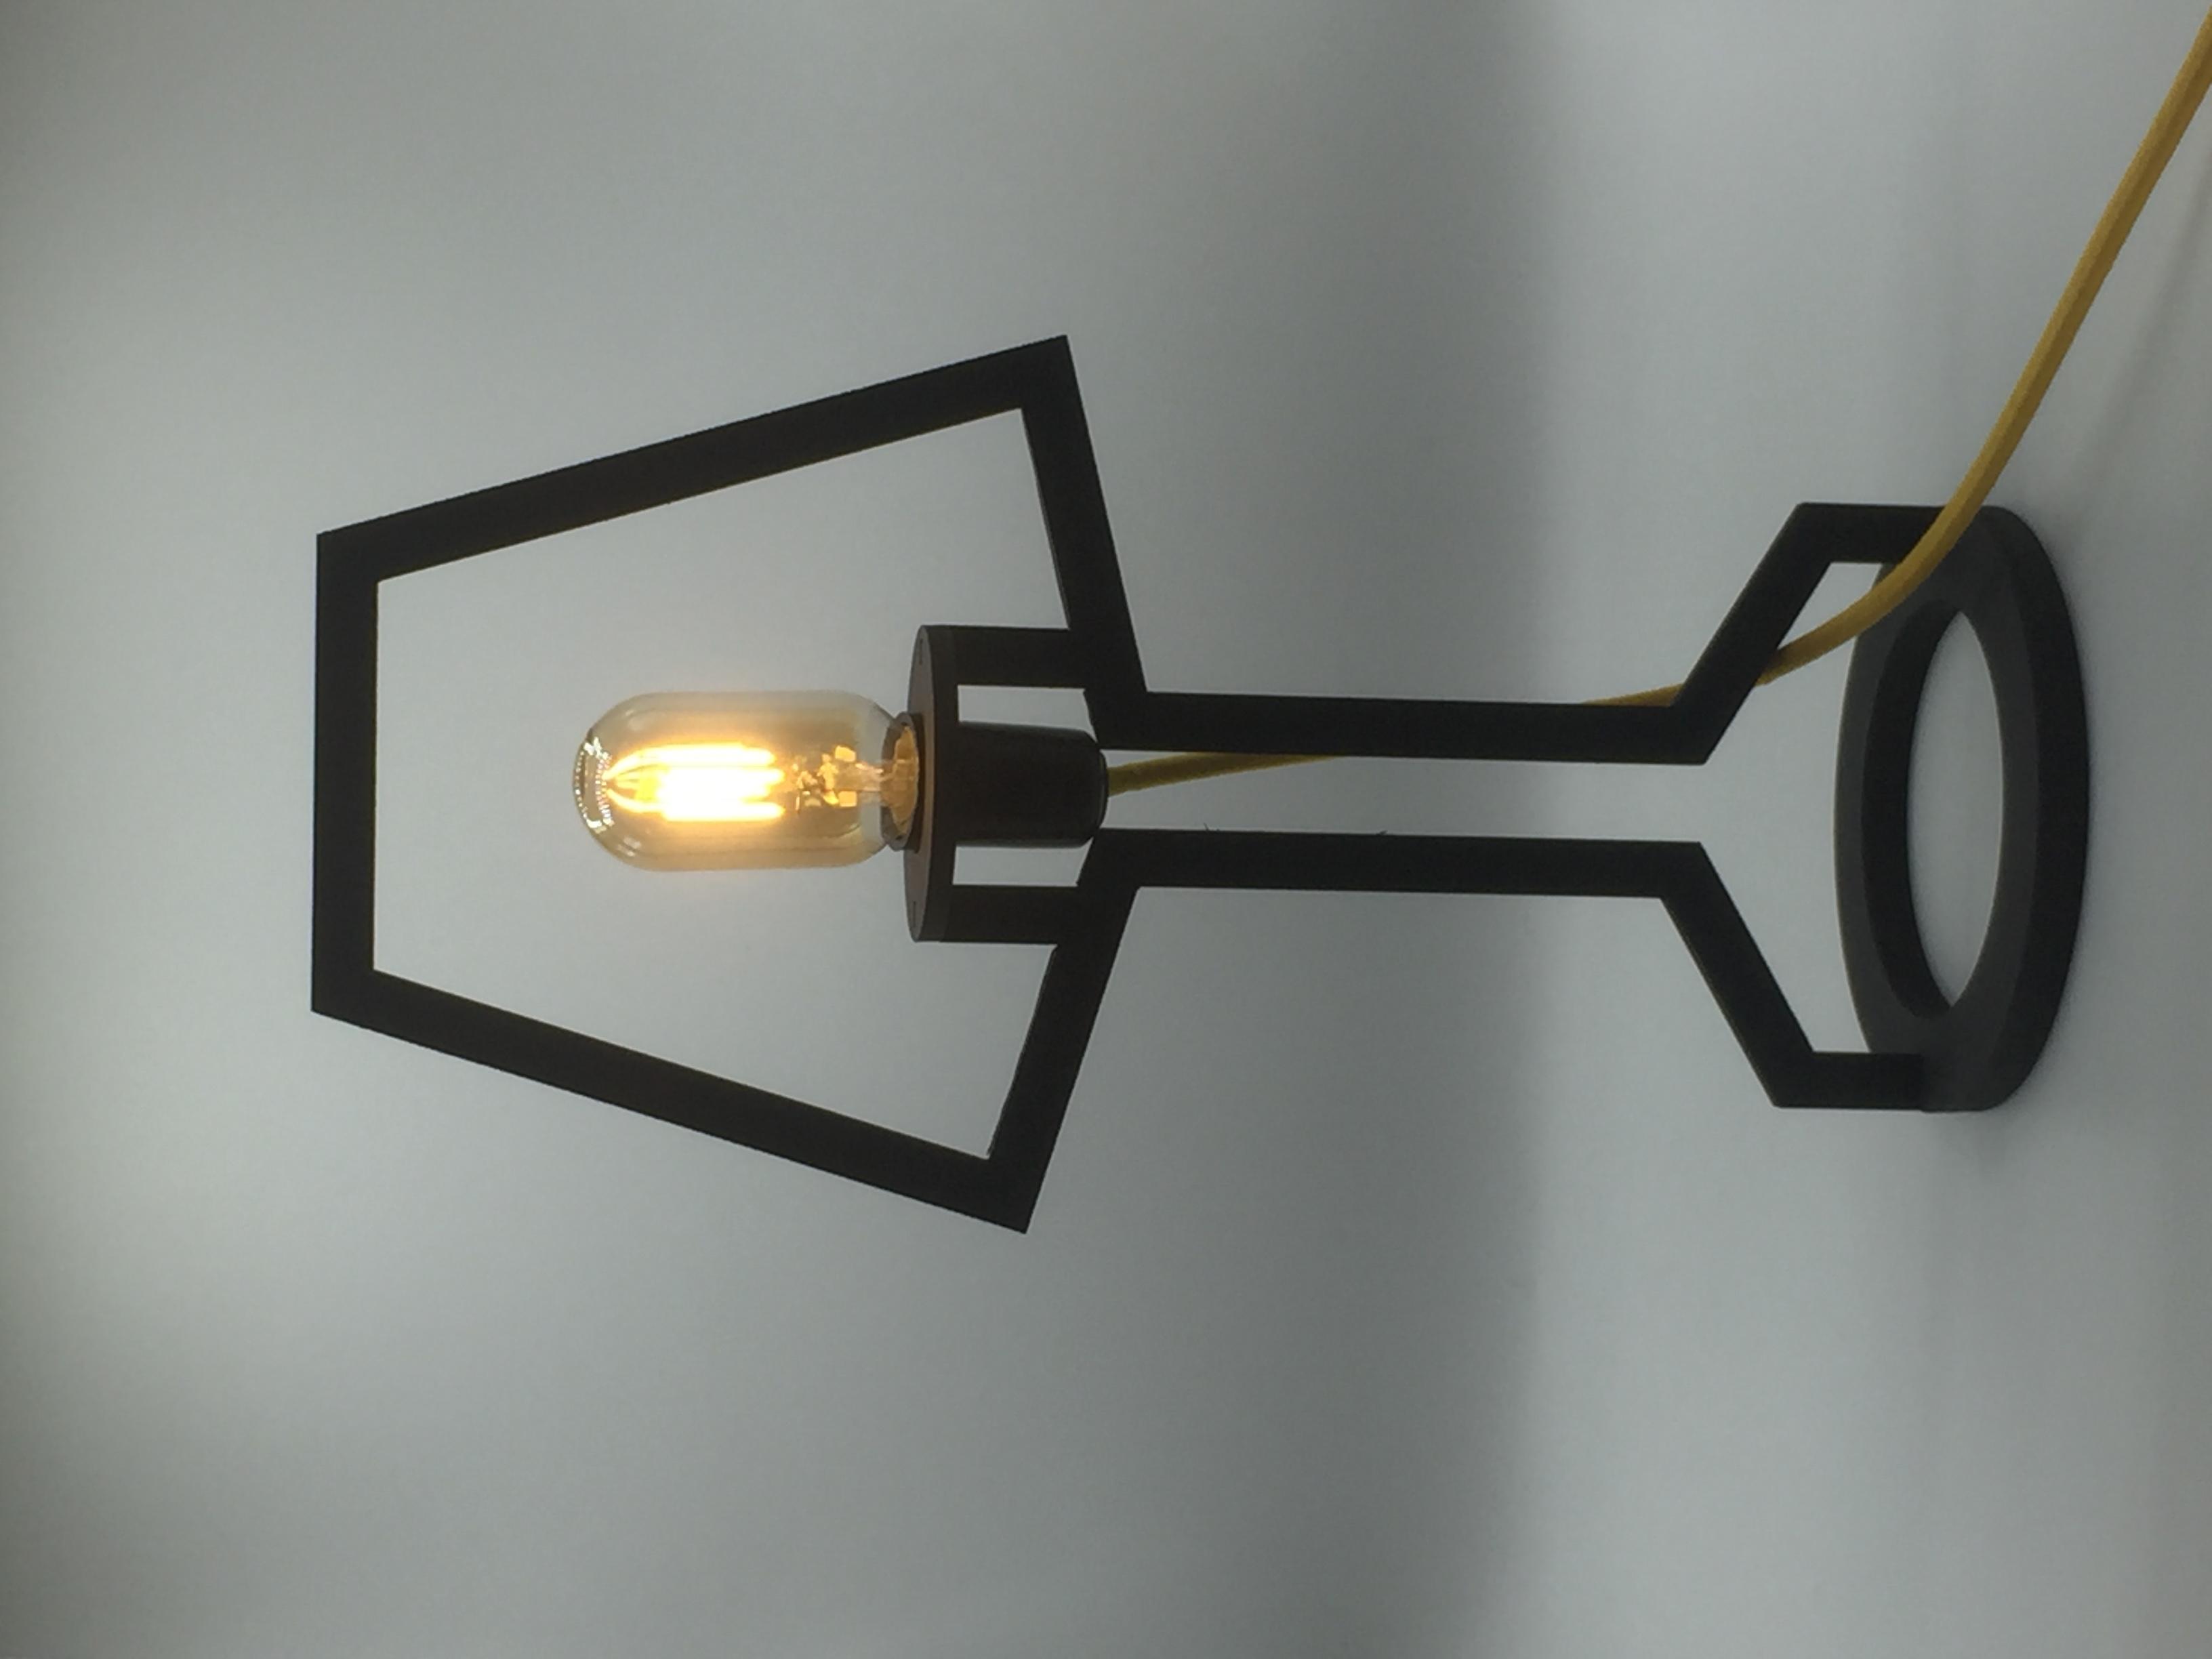 Luminária esqueleto